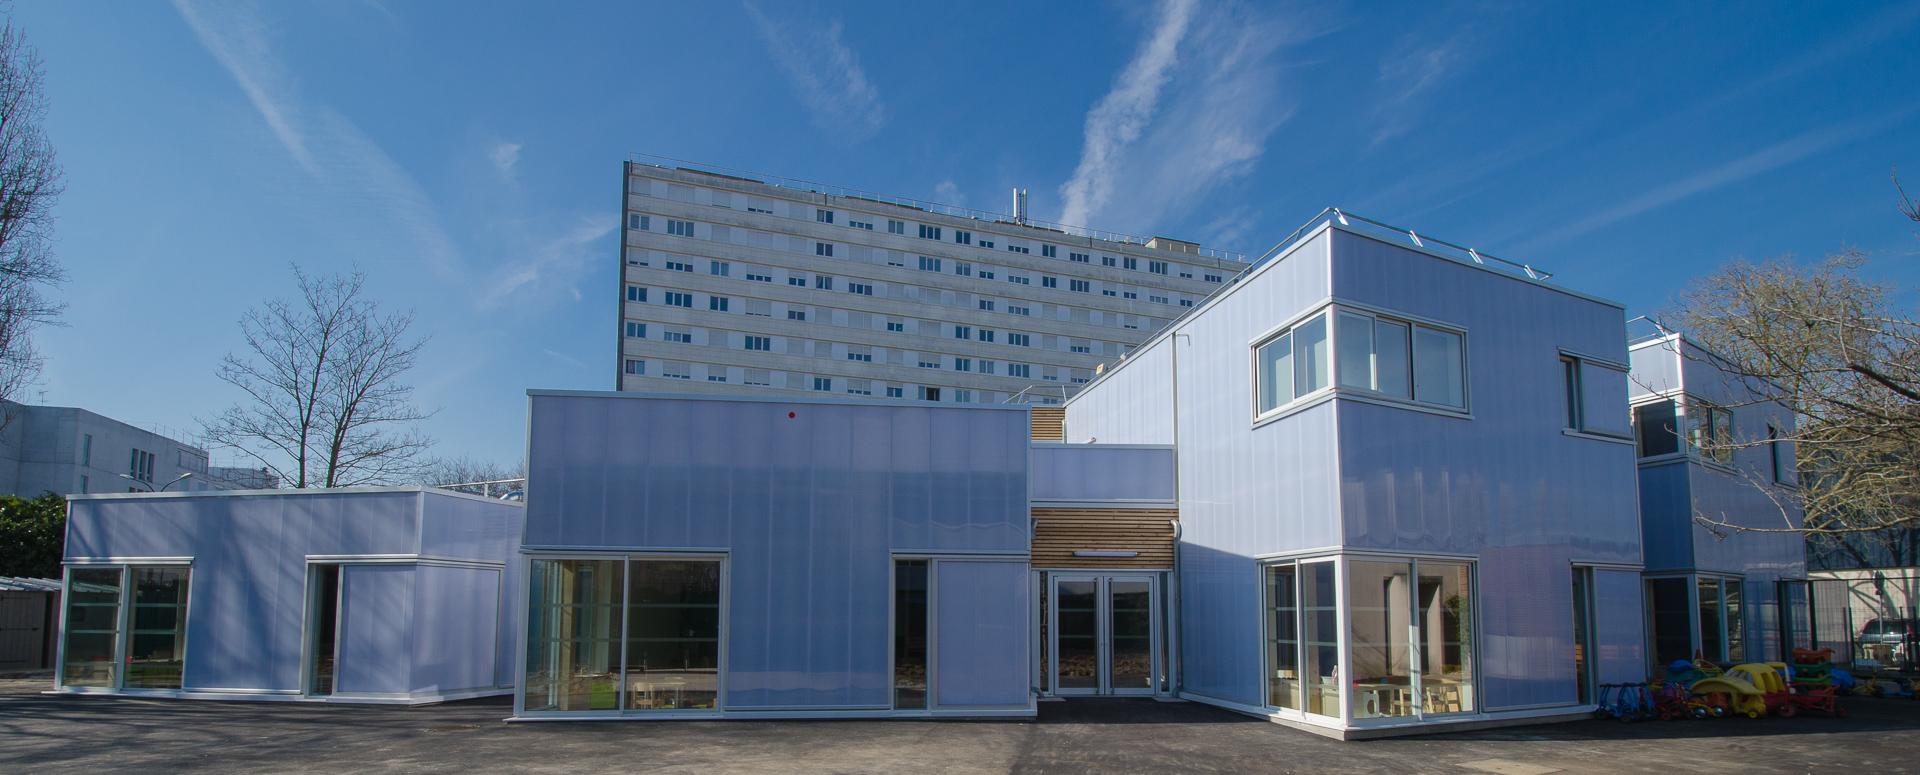 Crèche modulaire bois - Bérangère Giaux architecte